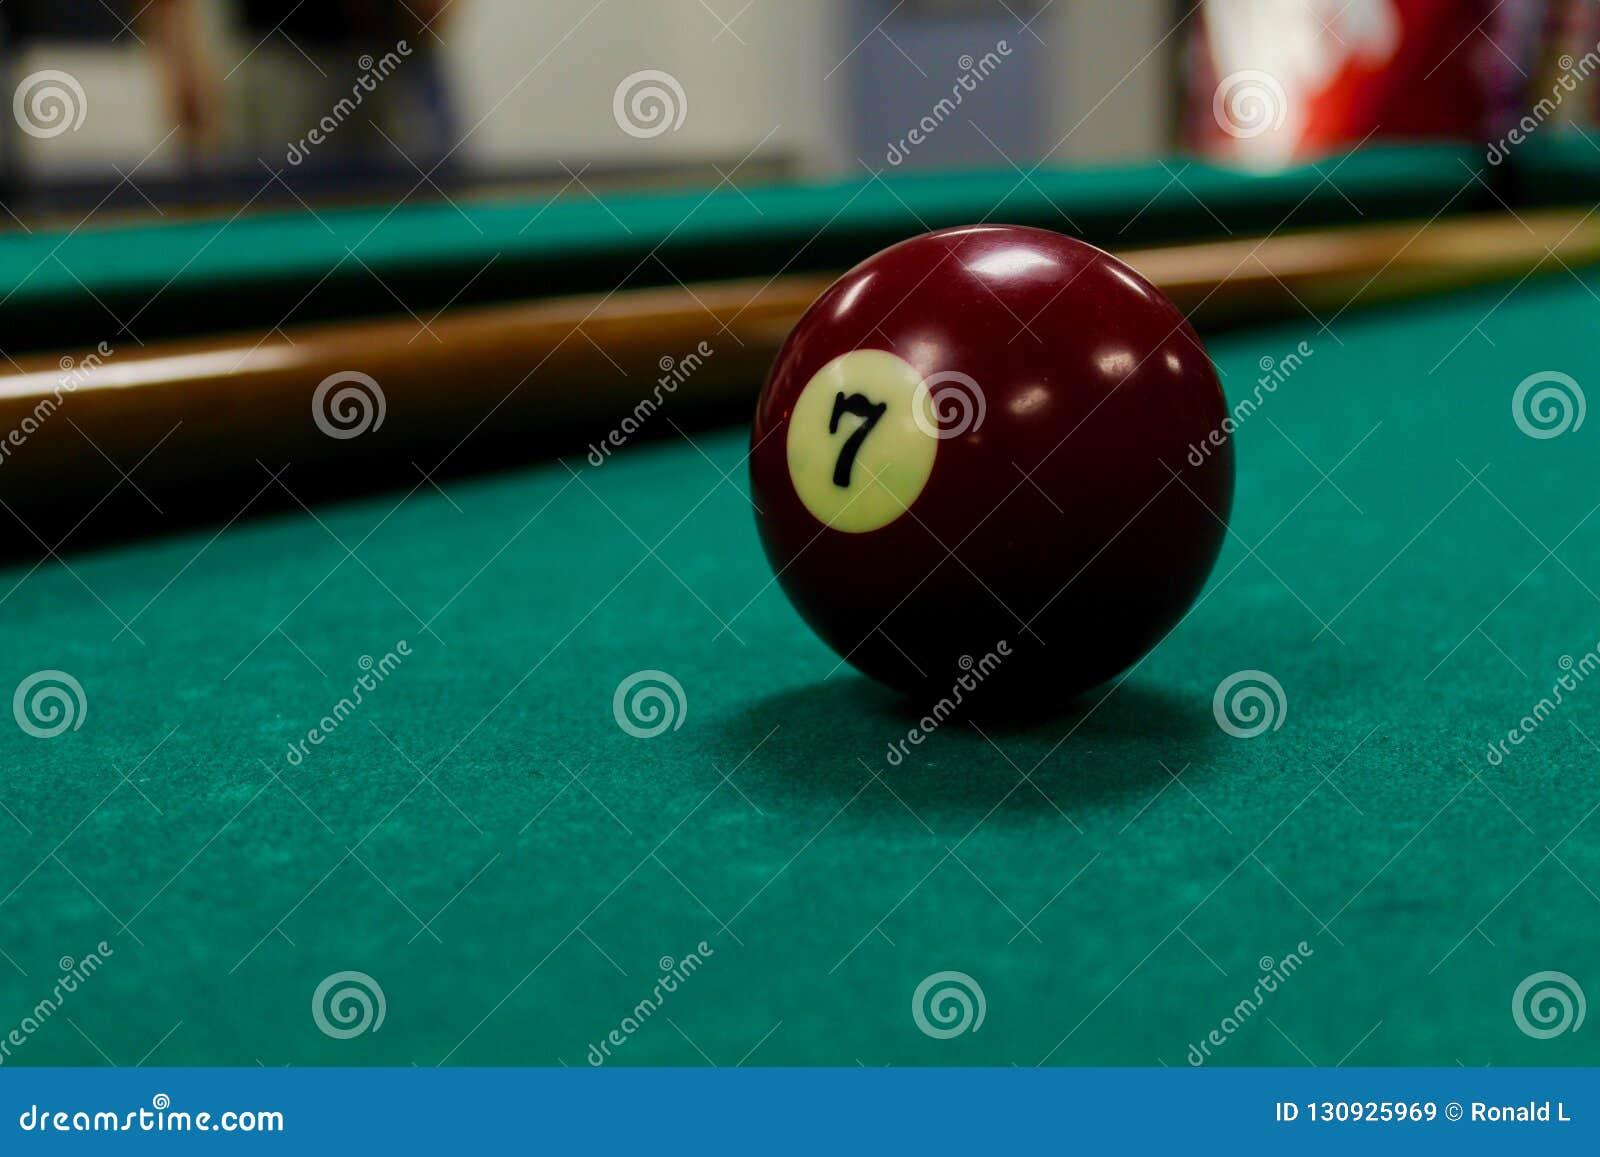 Bola de piscina 7